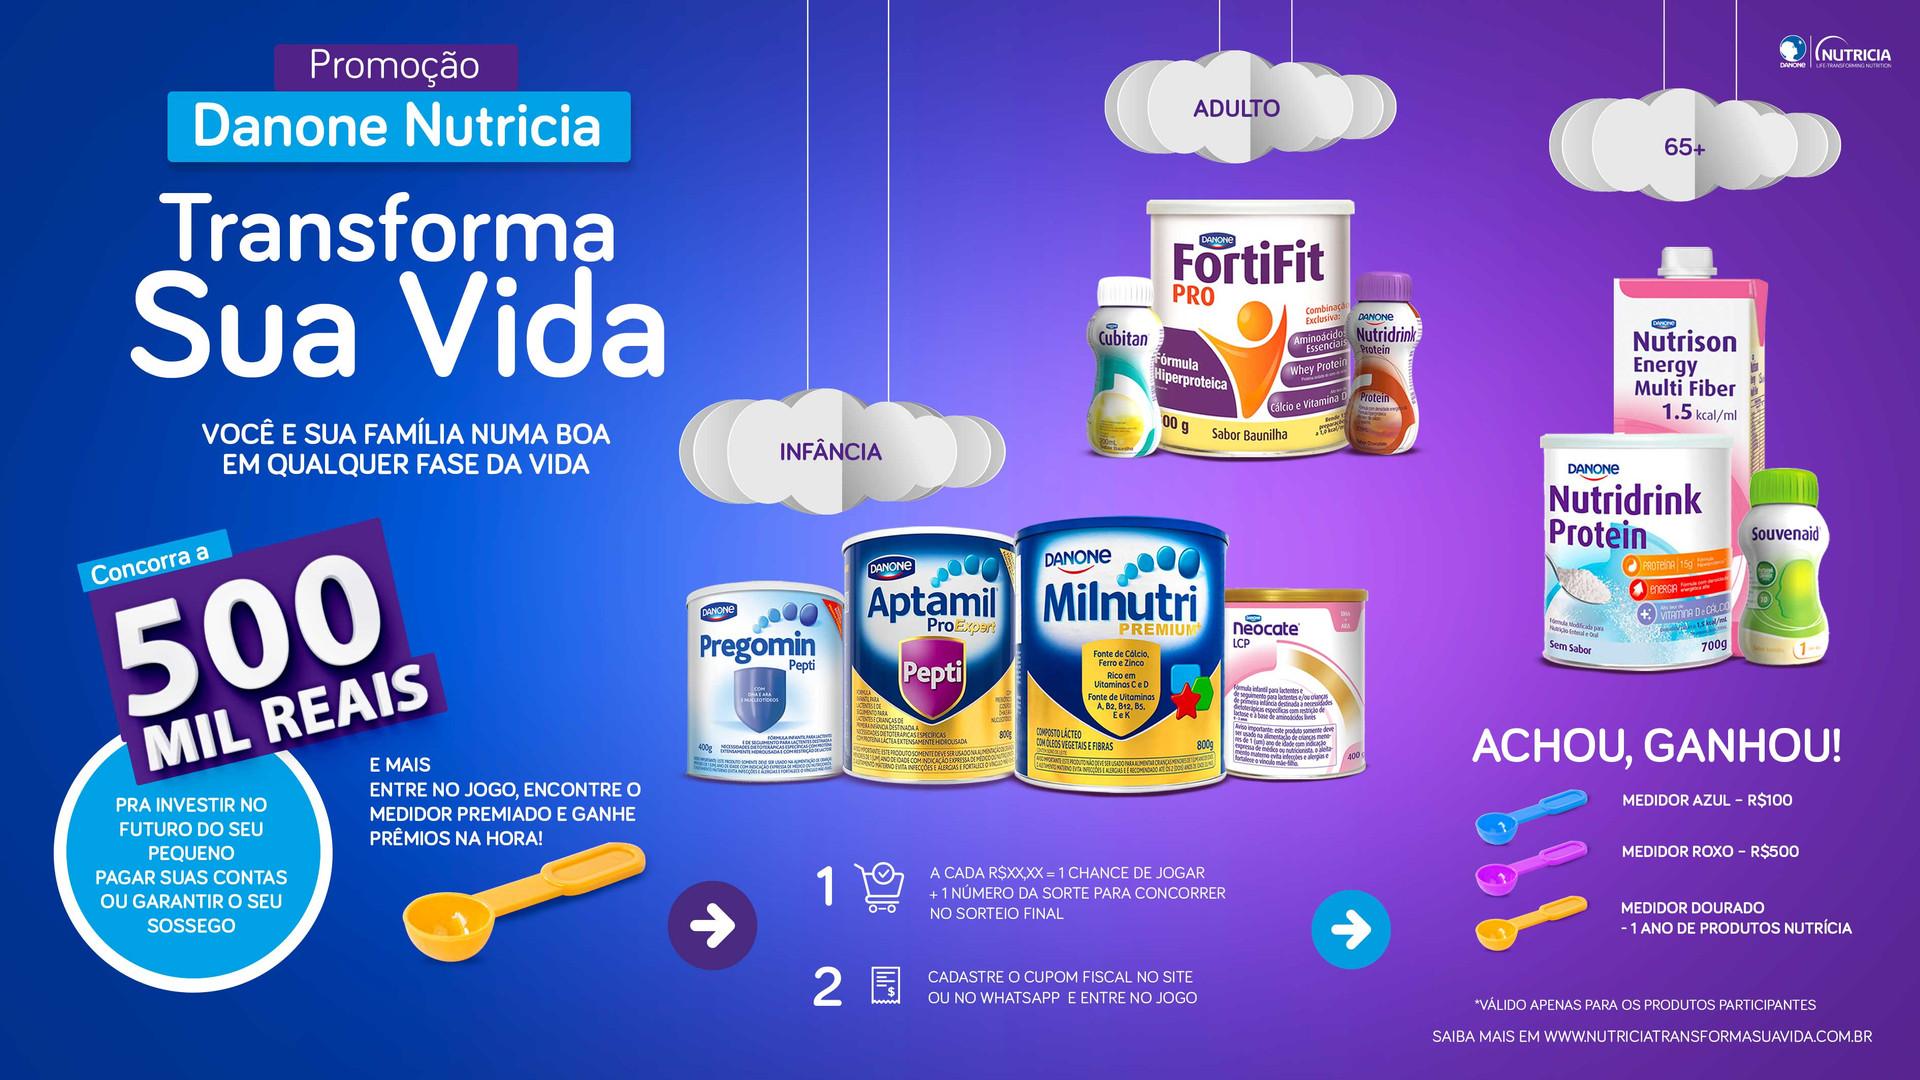 KV_Danone_Nutricia_v5.jpg